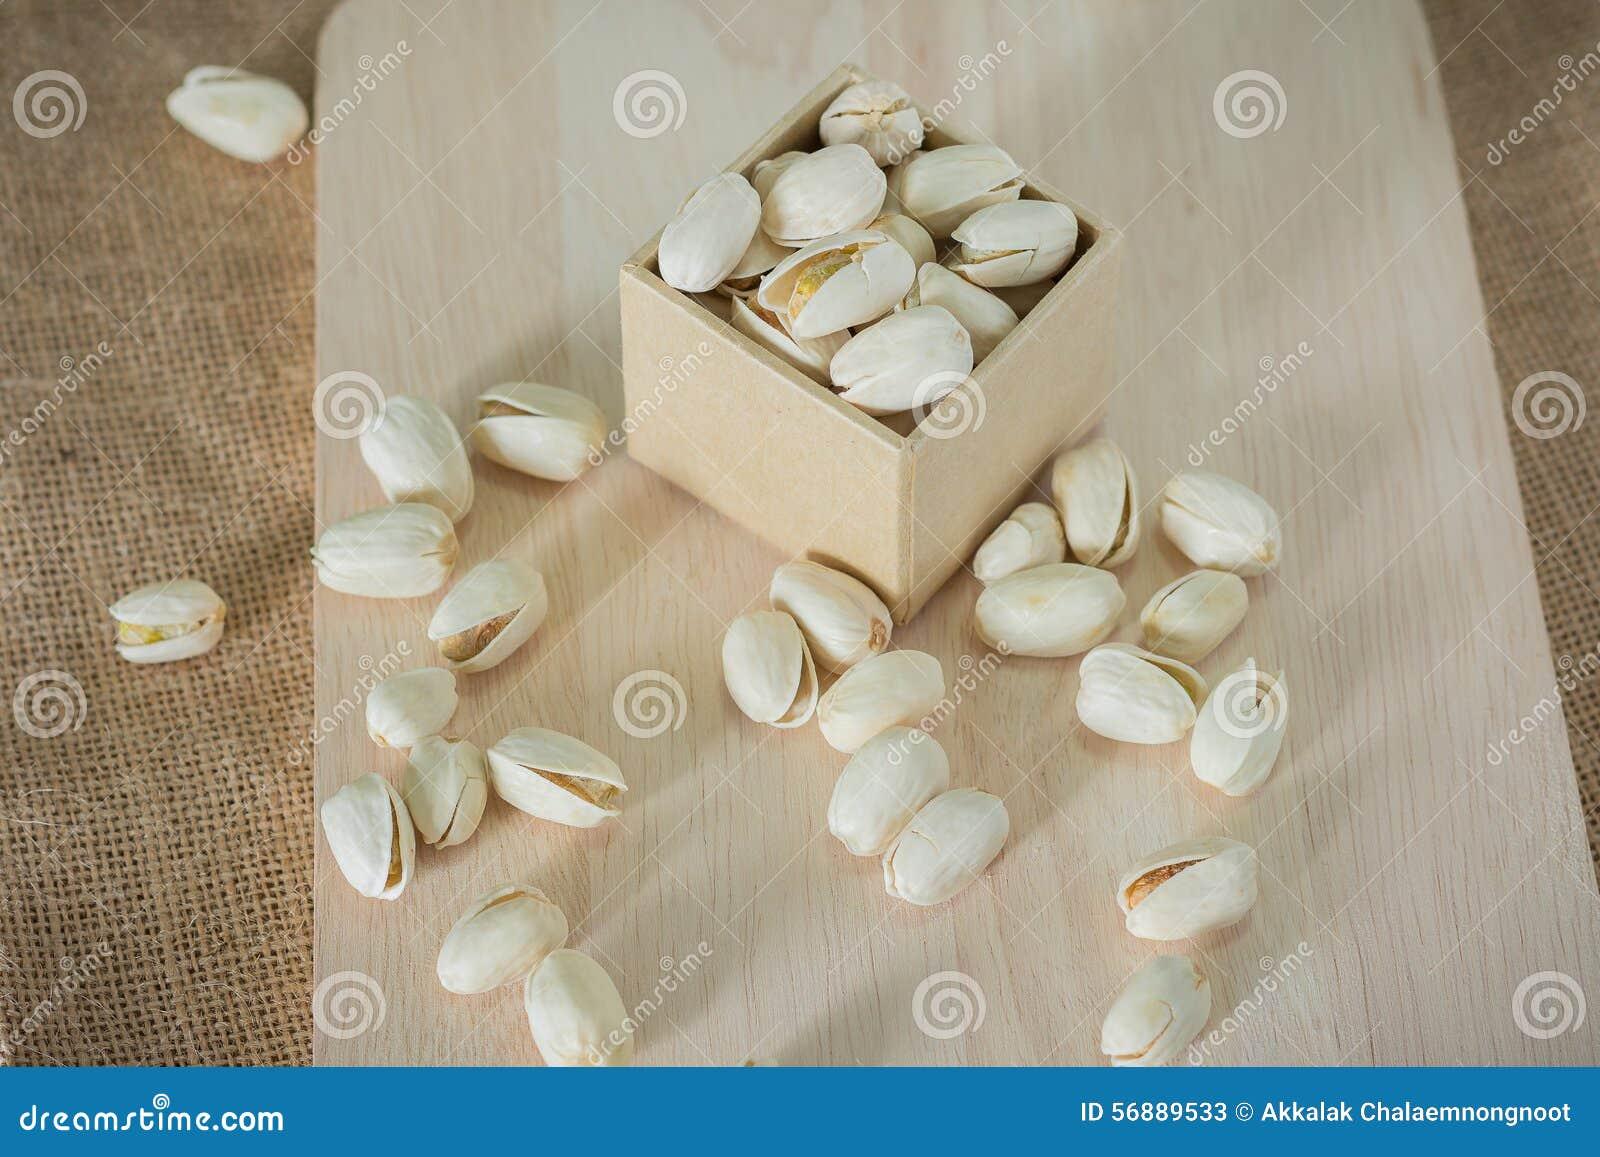 Nueces de pistachos saladas